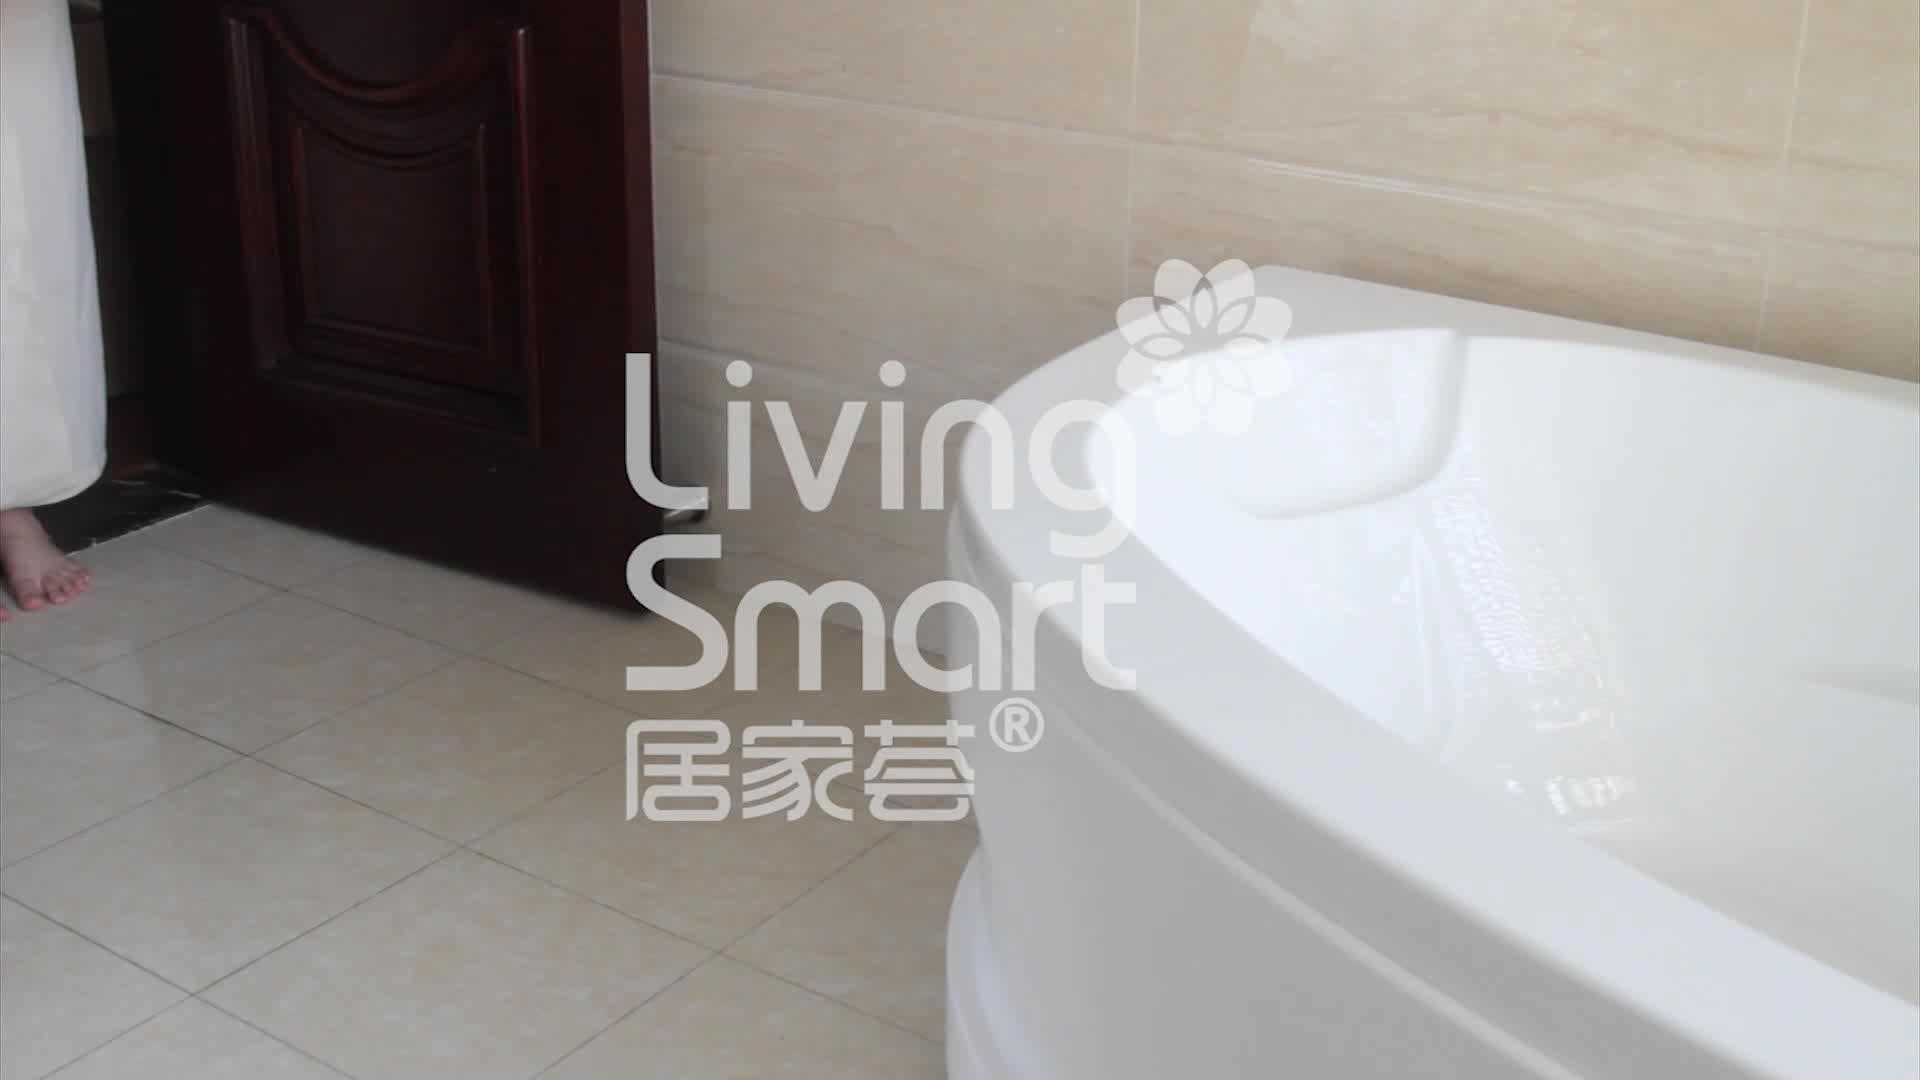 最高品質と防水ノンスリップ PVC とげバブルマッサージ吸引カップ bathmat